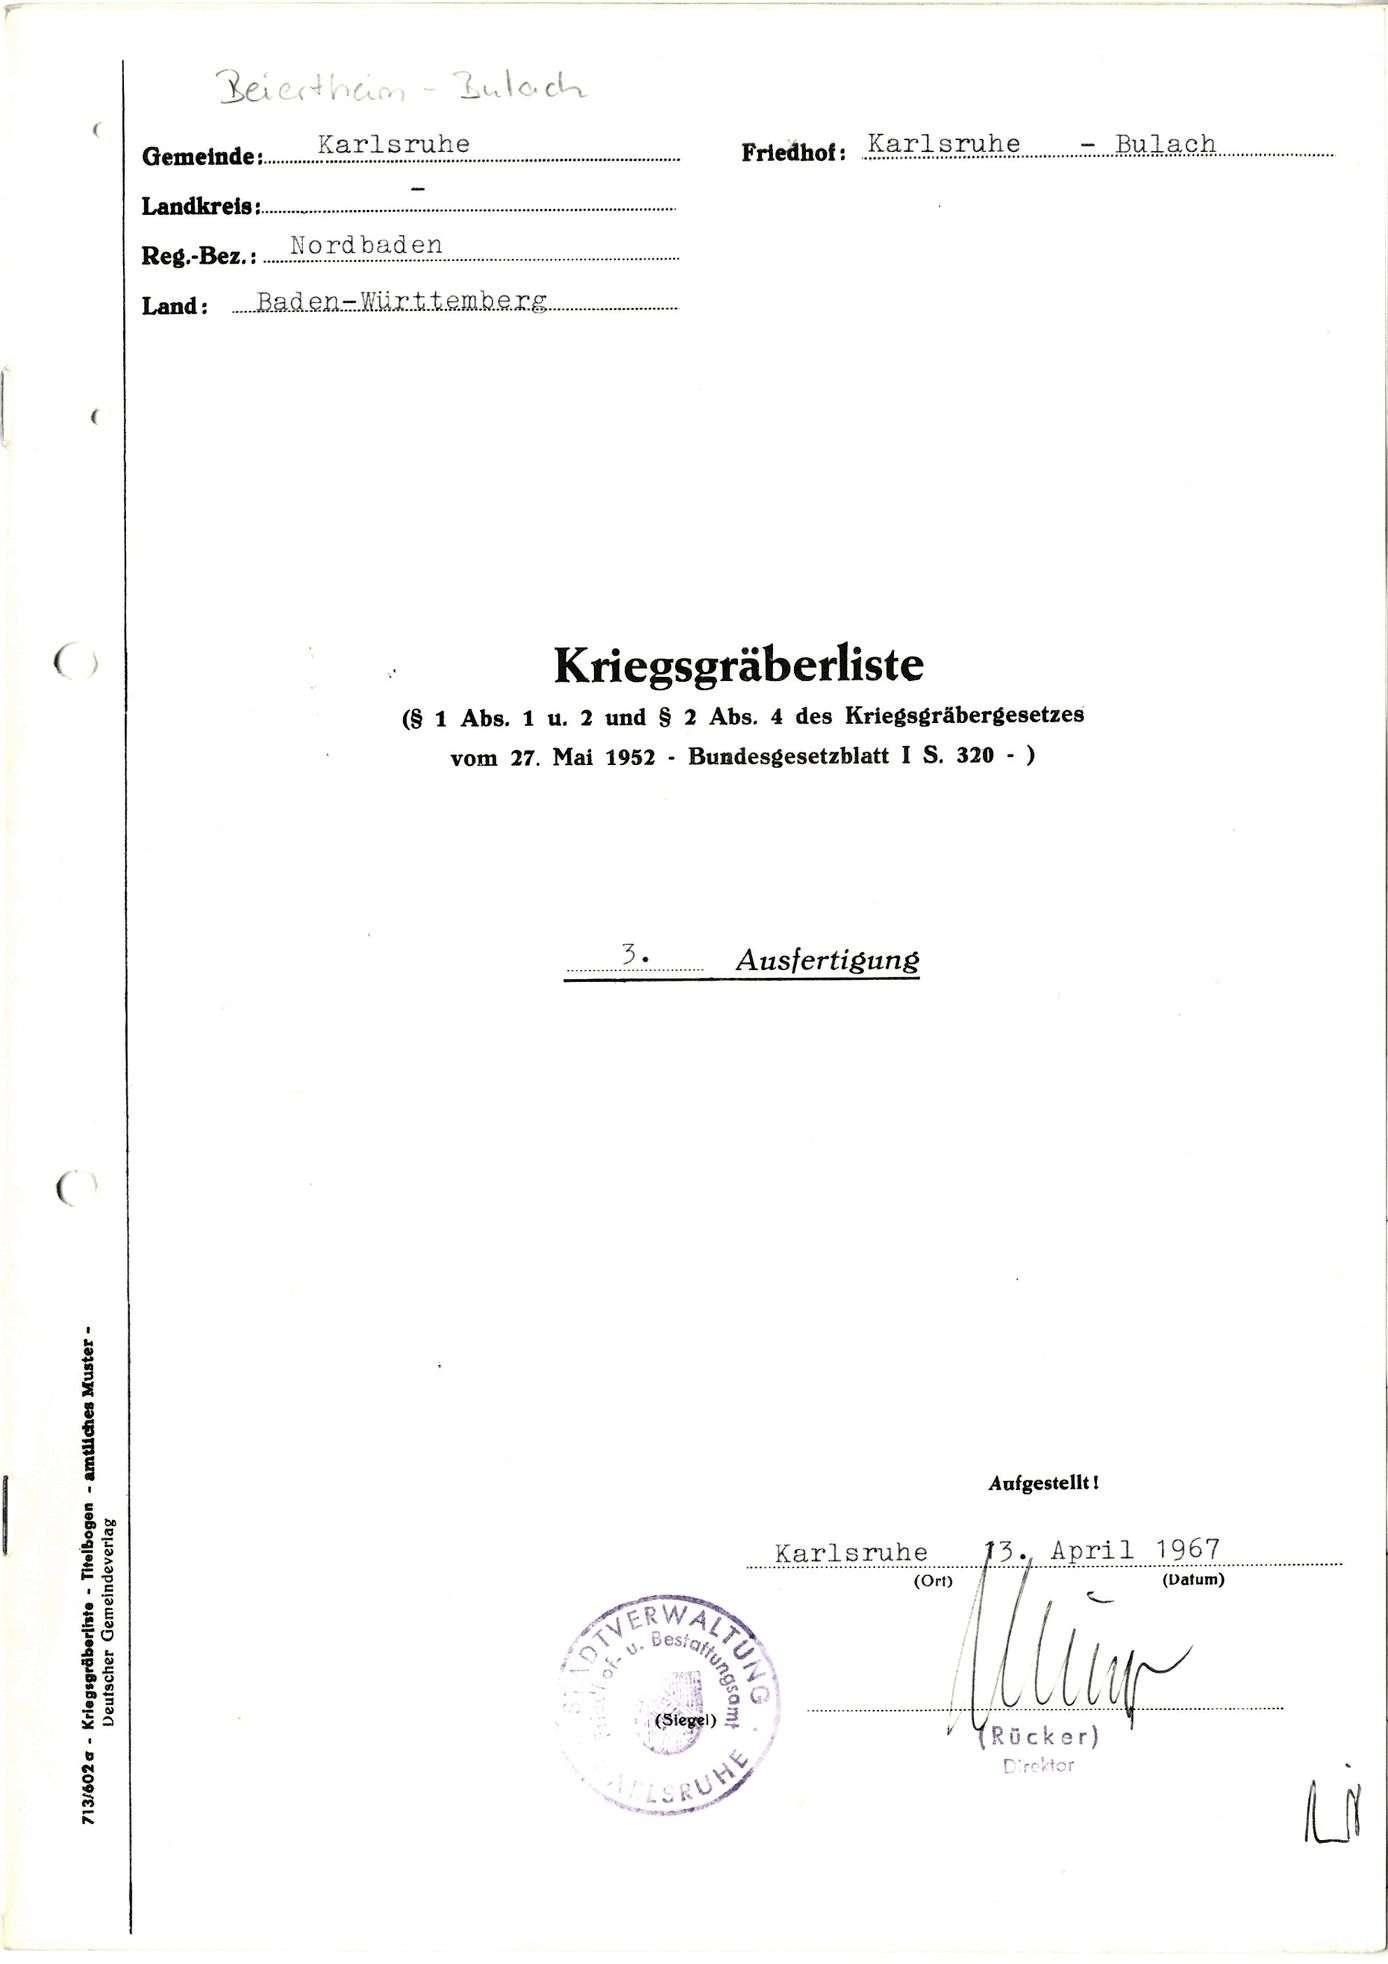 Beiertheim-Bulach, Bild 1